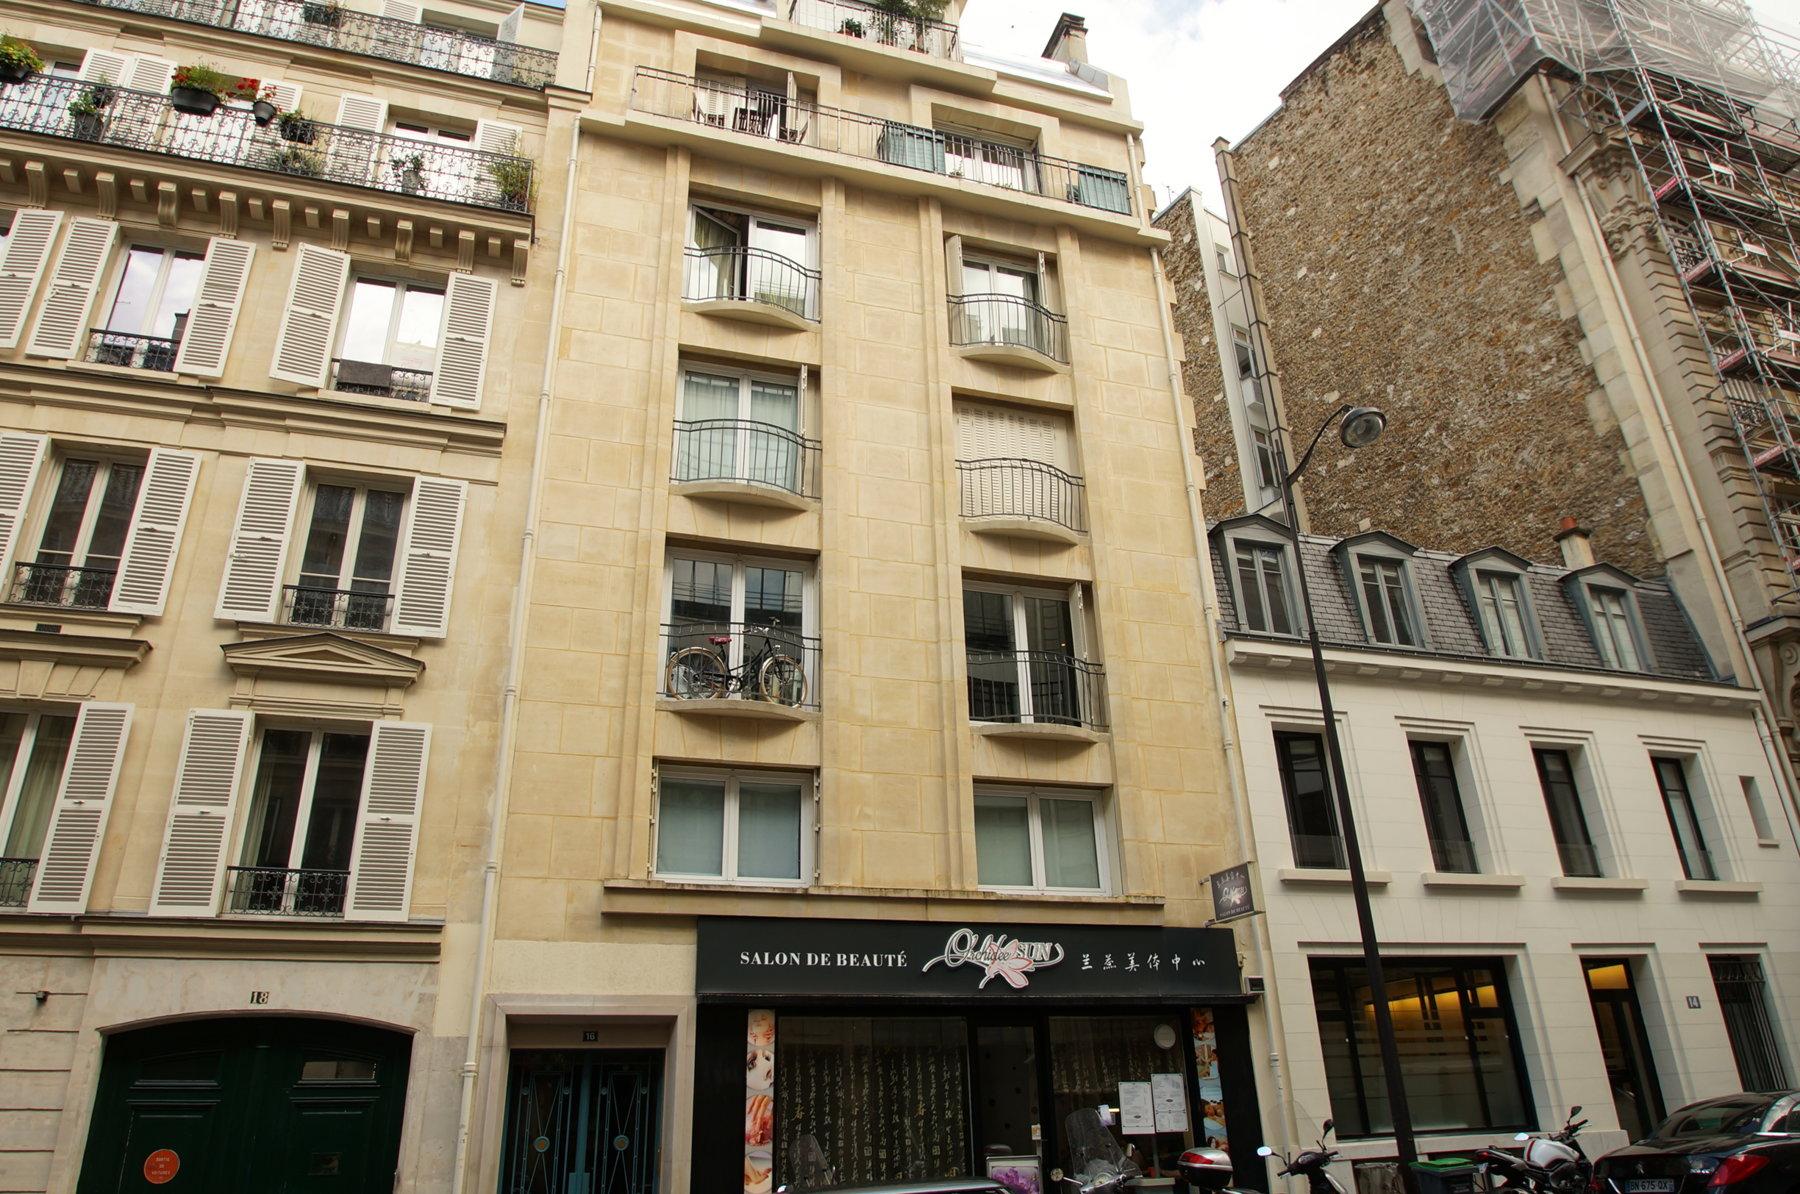 16 rue brunel 75017 paris estimation immobili re grat orpi adt partners orpi. Black Bedroom Furniture Sets. Home Design Ideas